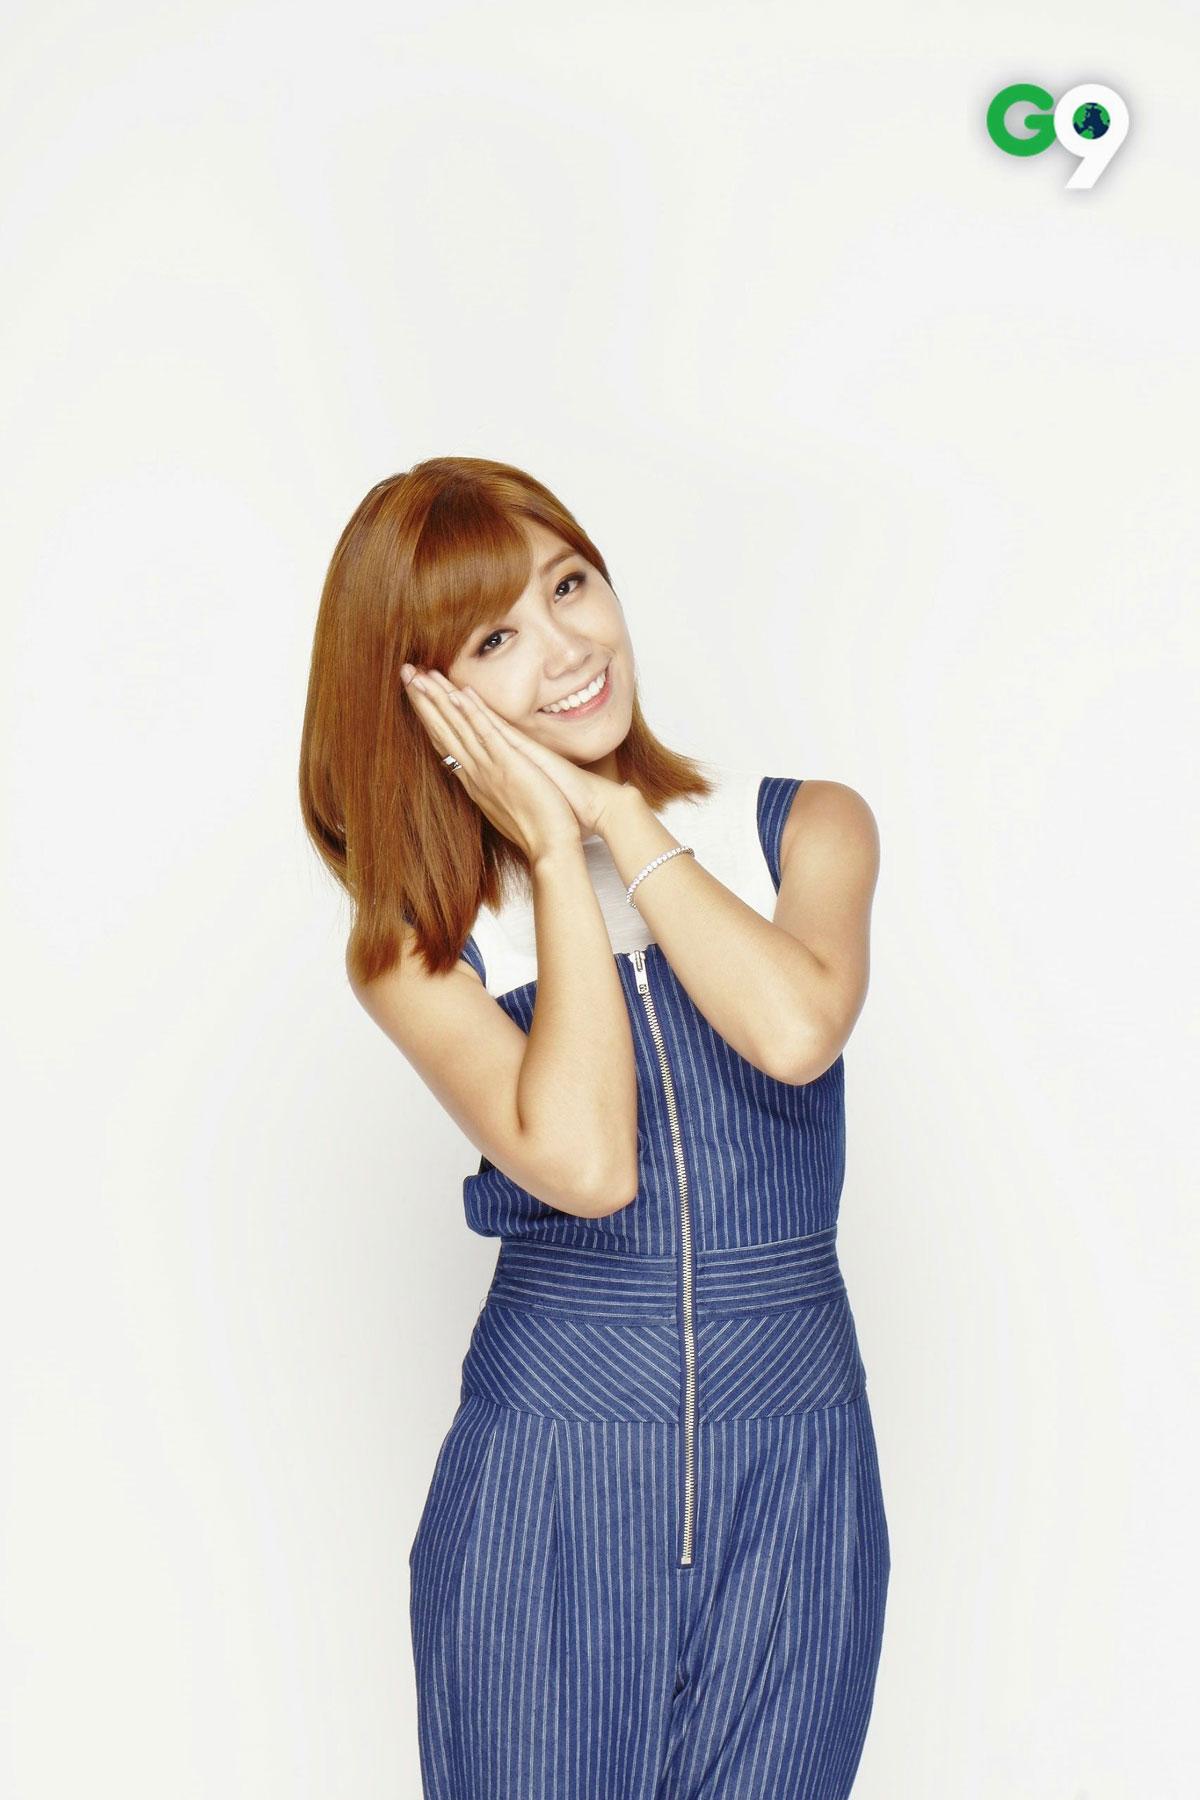 Apink Eunji G9 advertisement